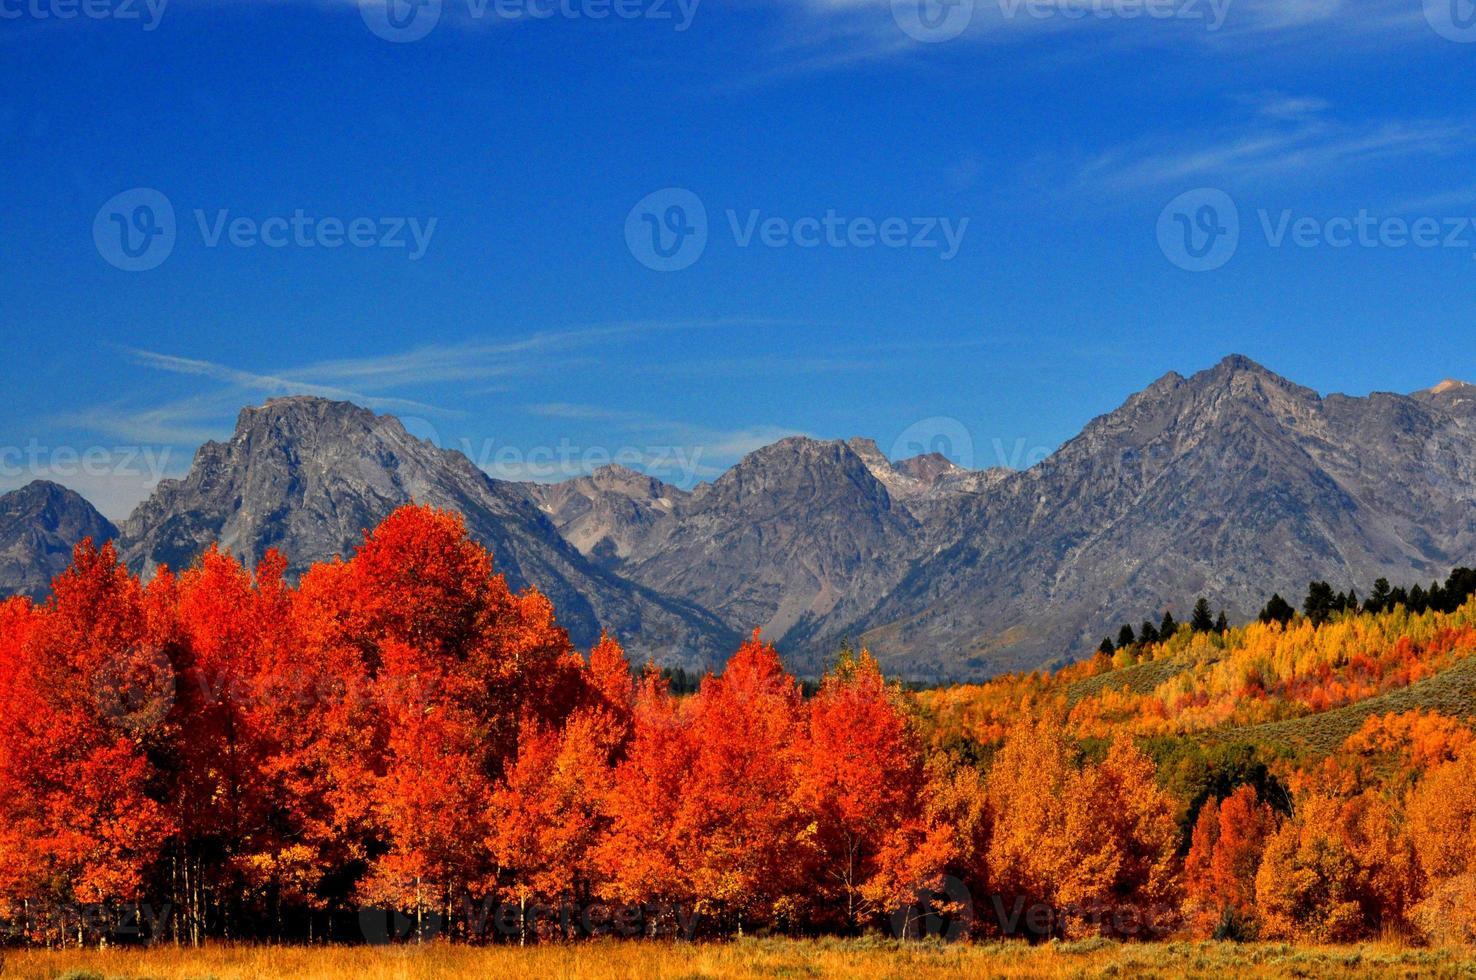 álamos alaranjados brilhantes sob montanhas cobertas de neve. foto